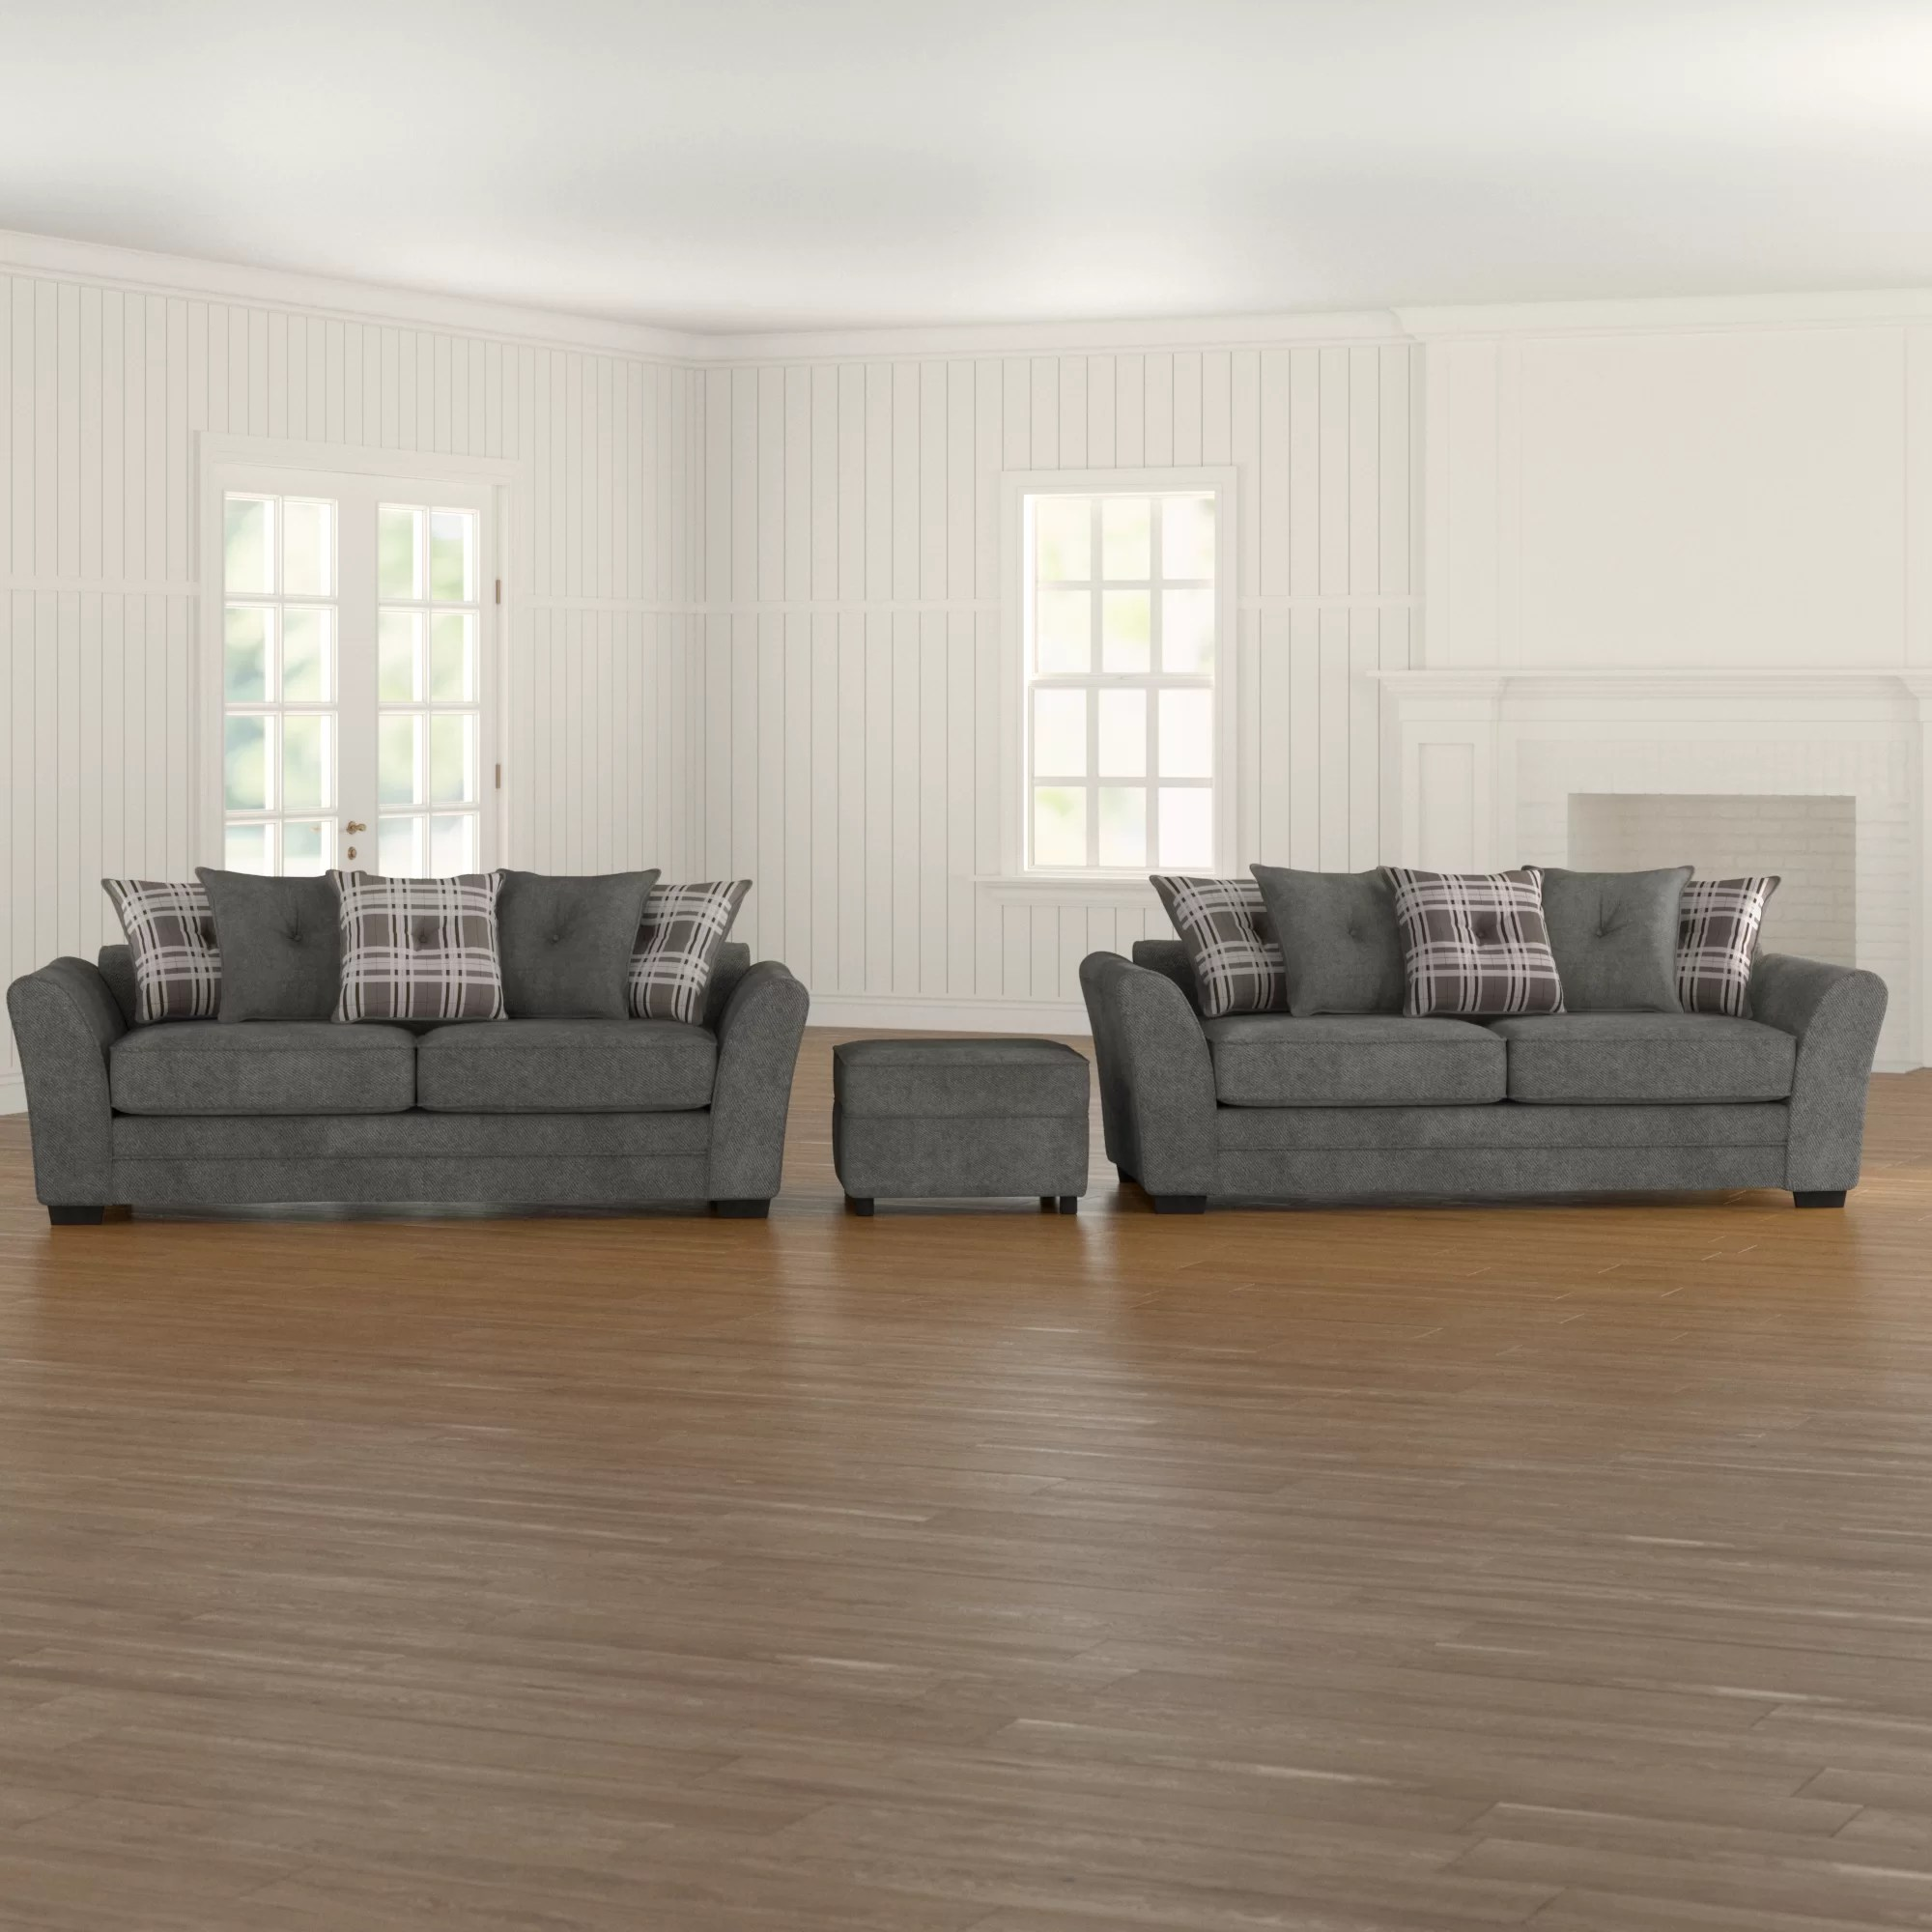 brynlee 3 piece sofa set